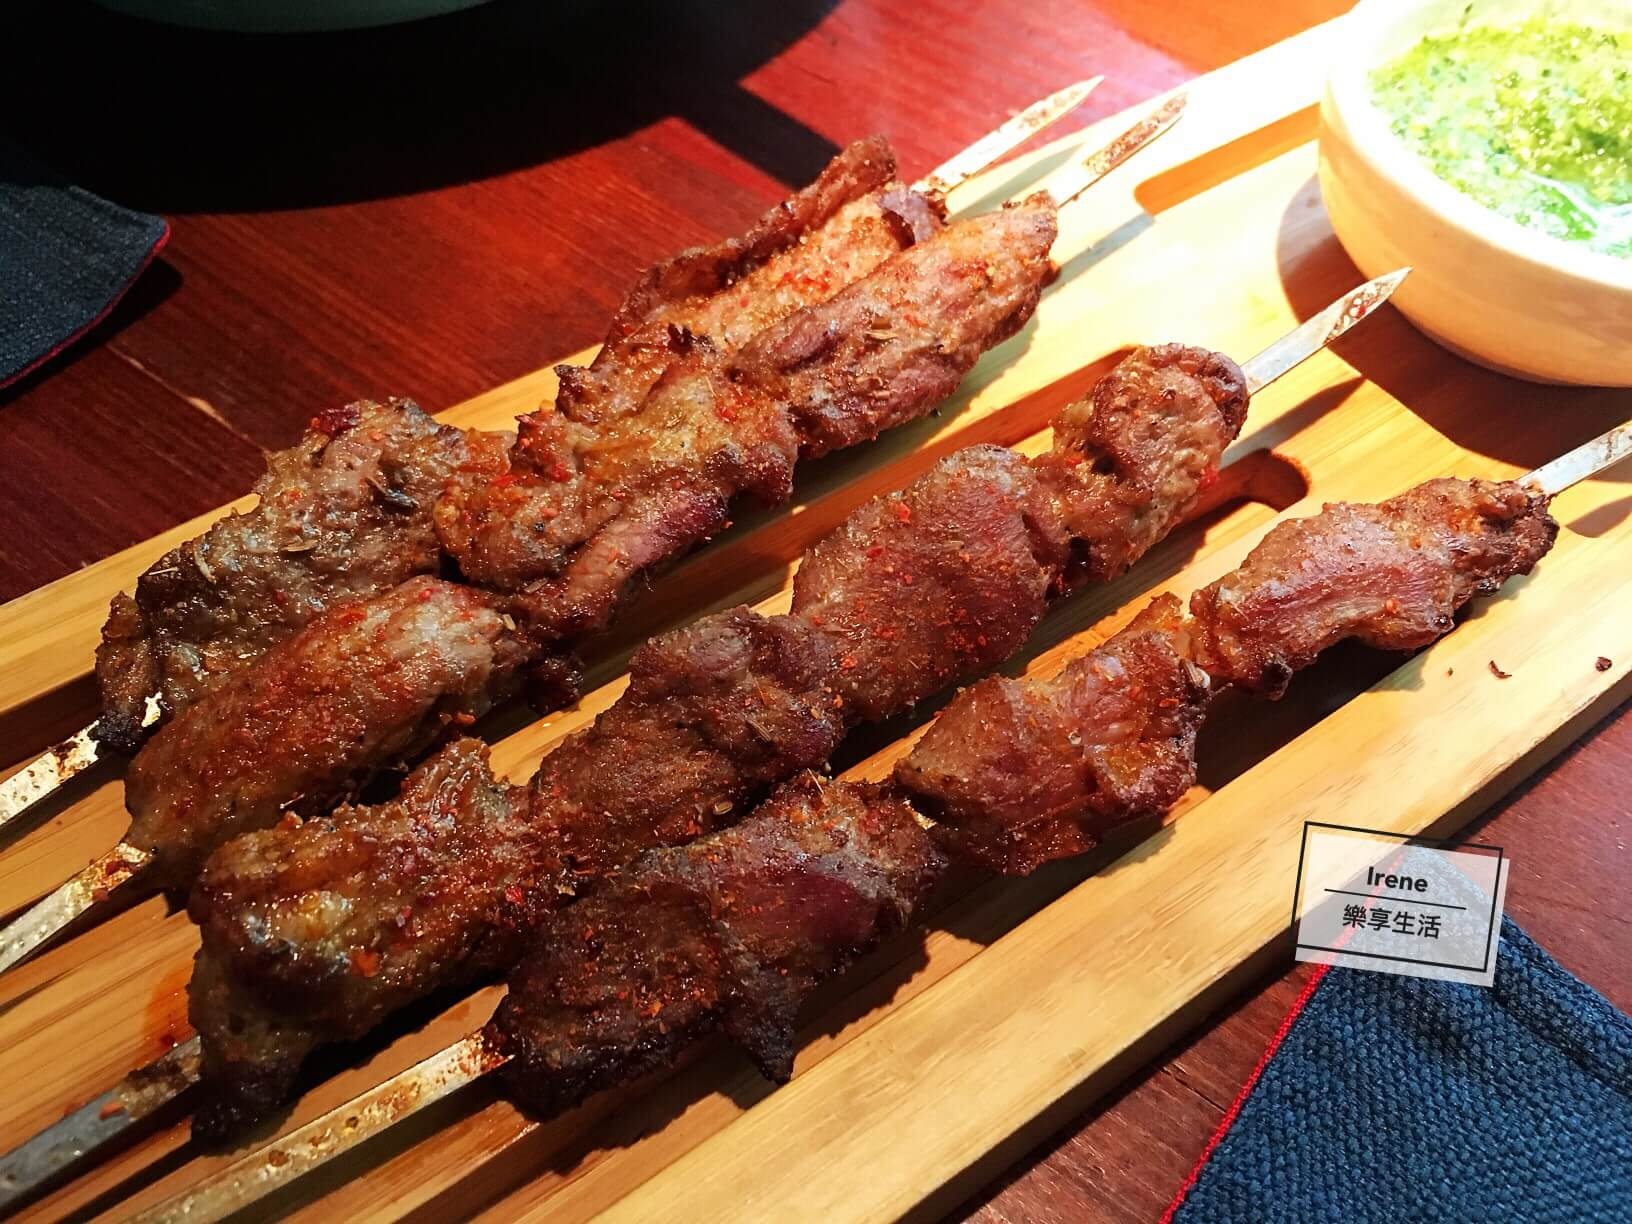 上海花馬天堂絲綢之路餐廳/新疆羊肉串